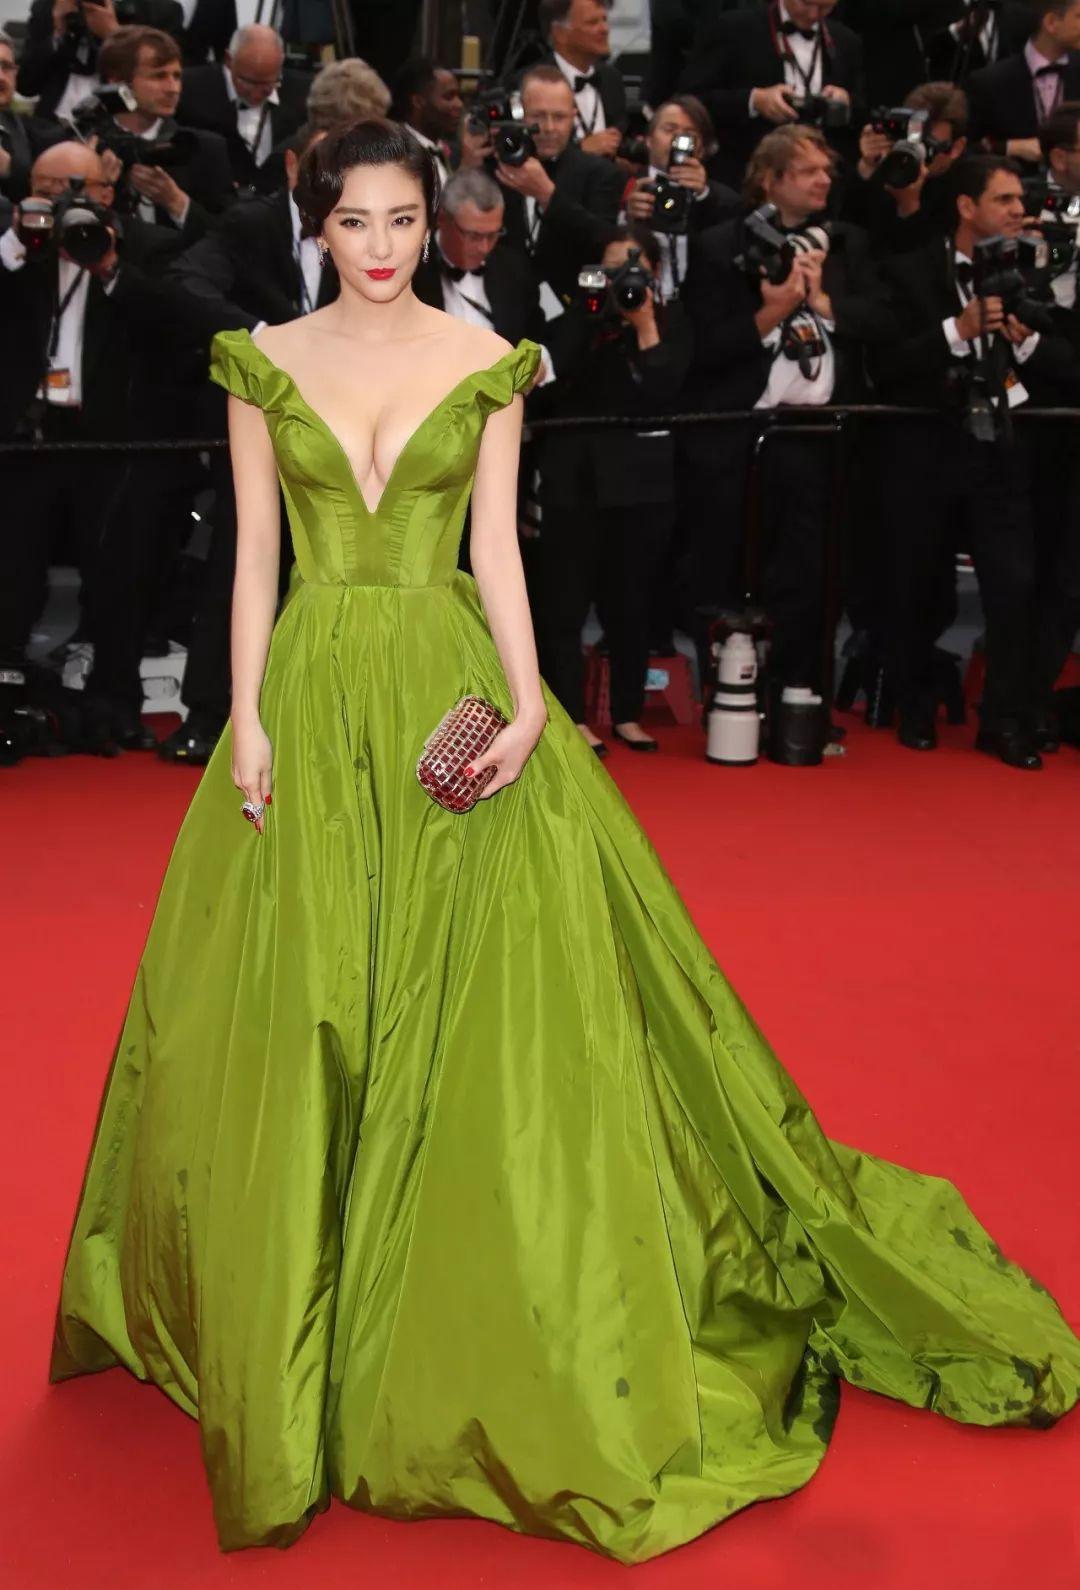 倪妮首次出战惊艳红毯,李宇春被说越来越娘 I 盘点戛纳历年最美女星图片